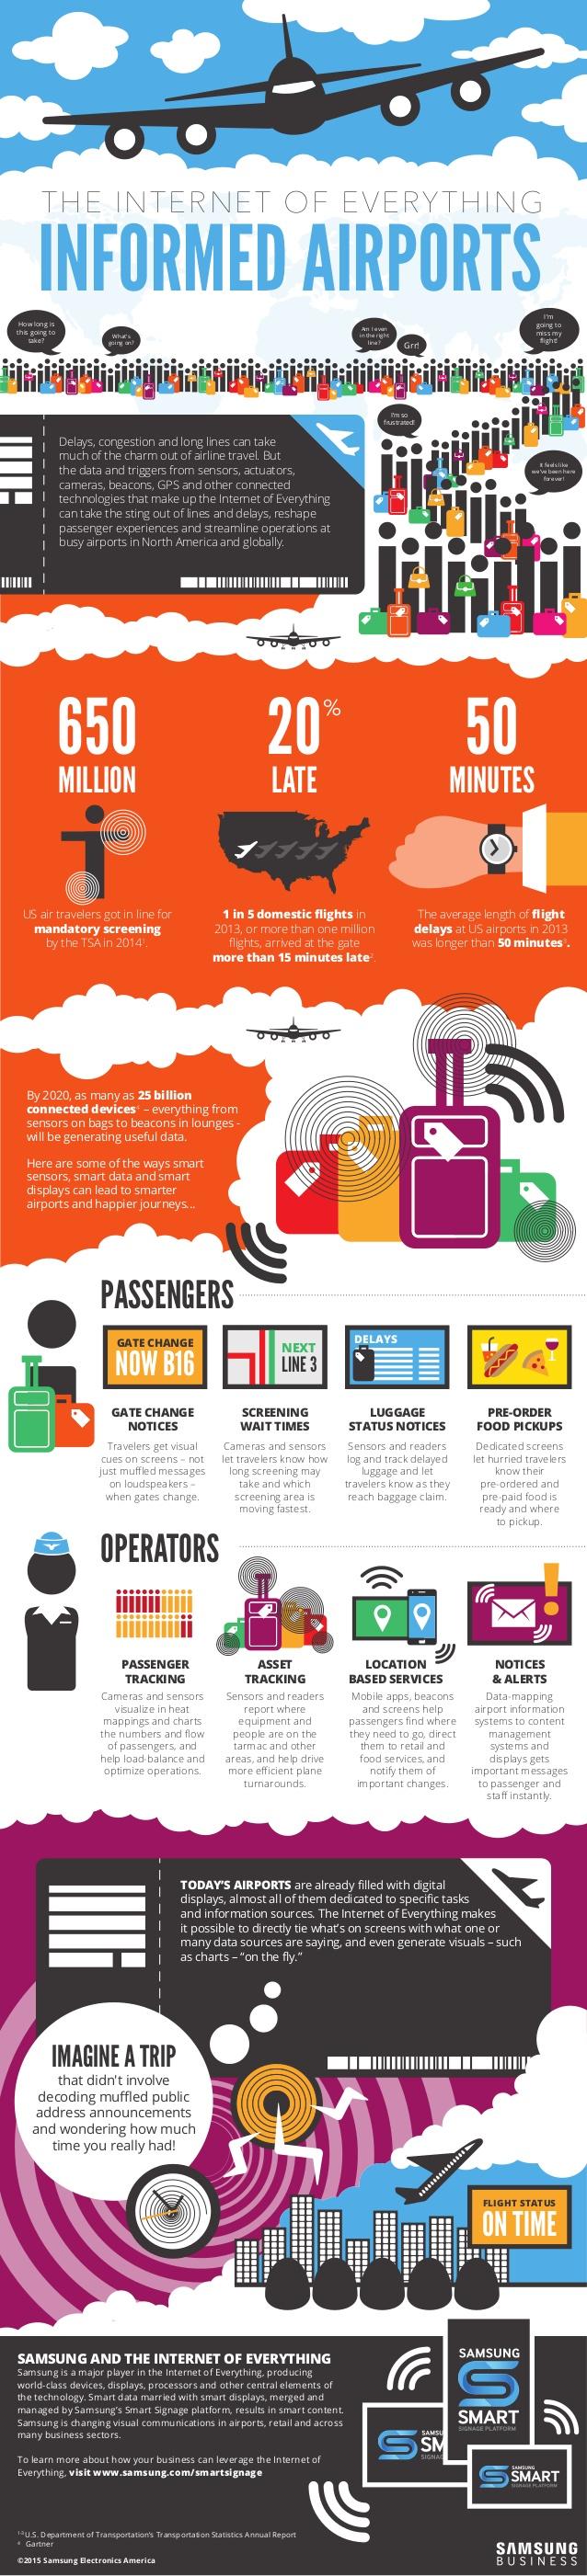 Internet de las cosas: Aeropuertos informados